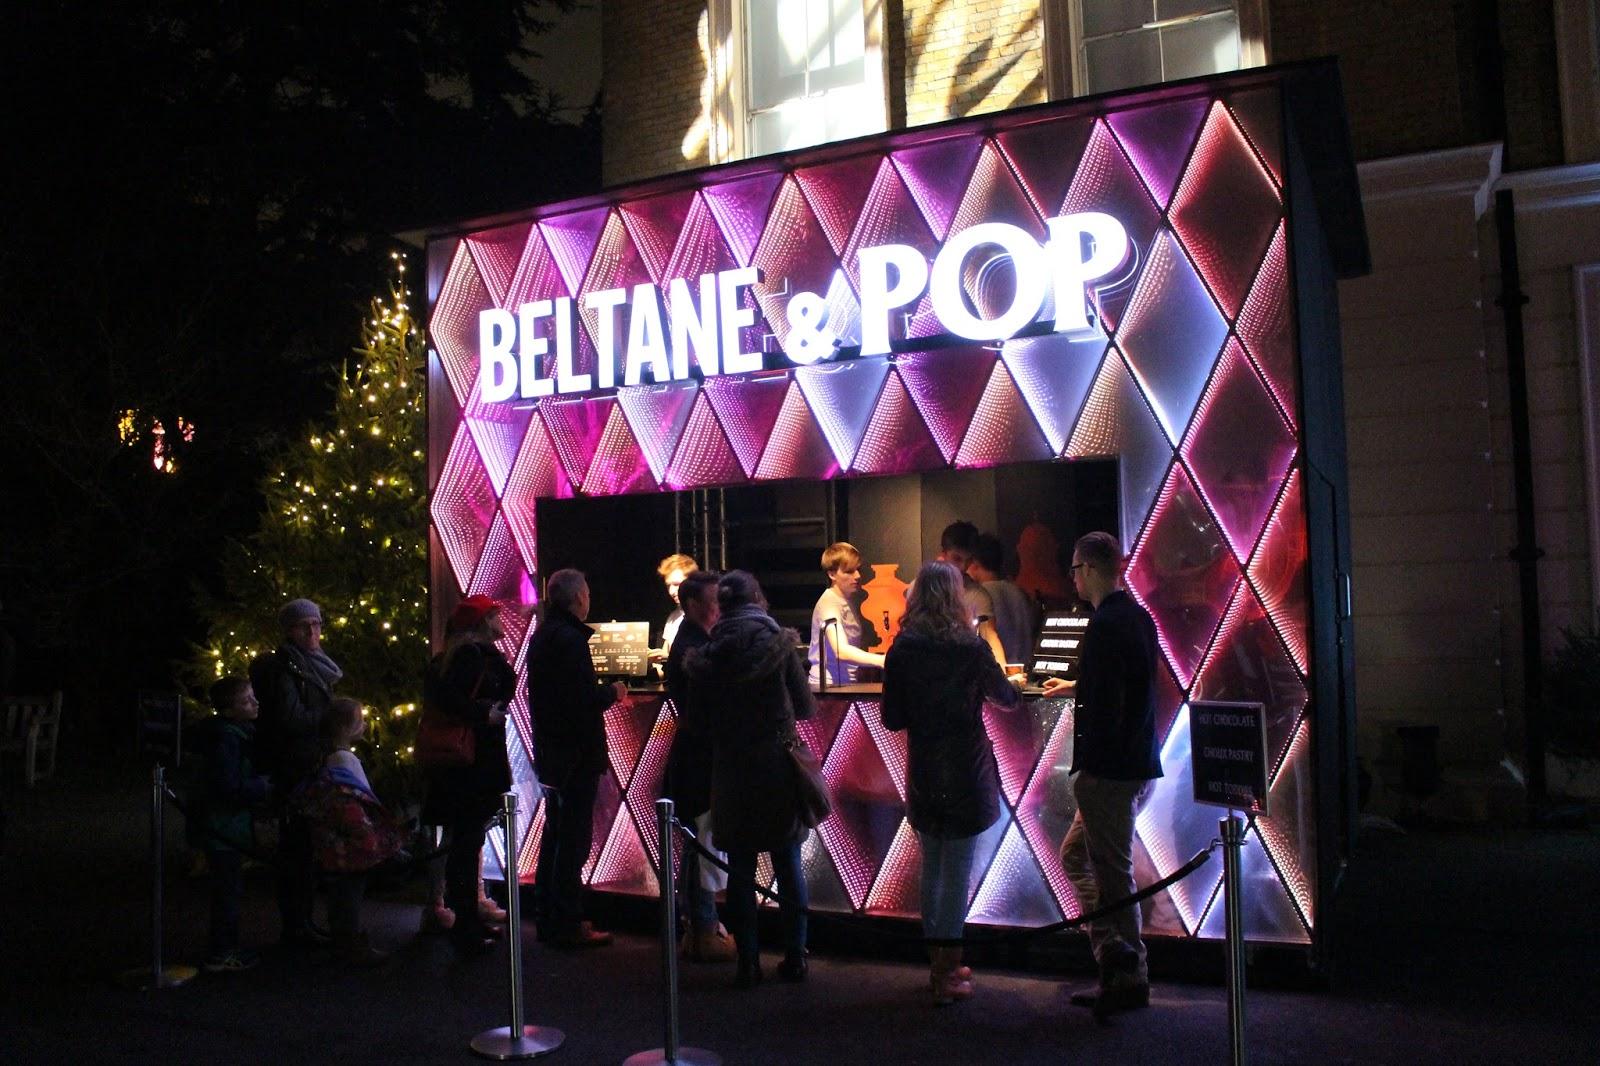 beltane & pop kew gardens